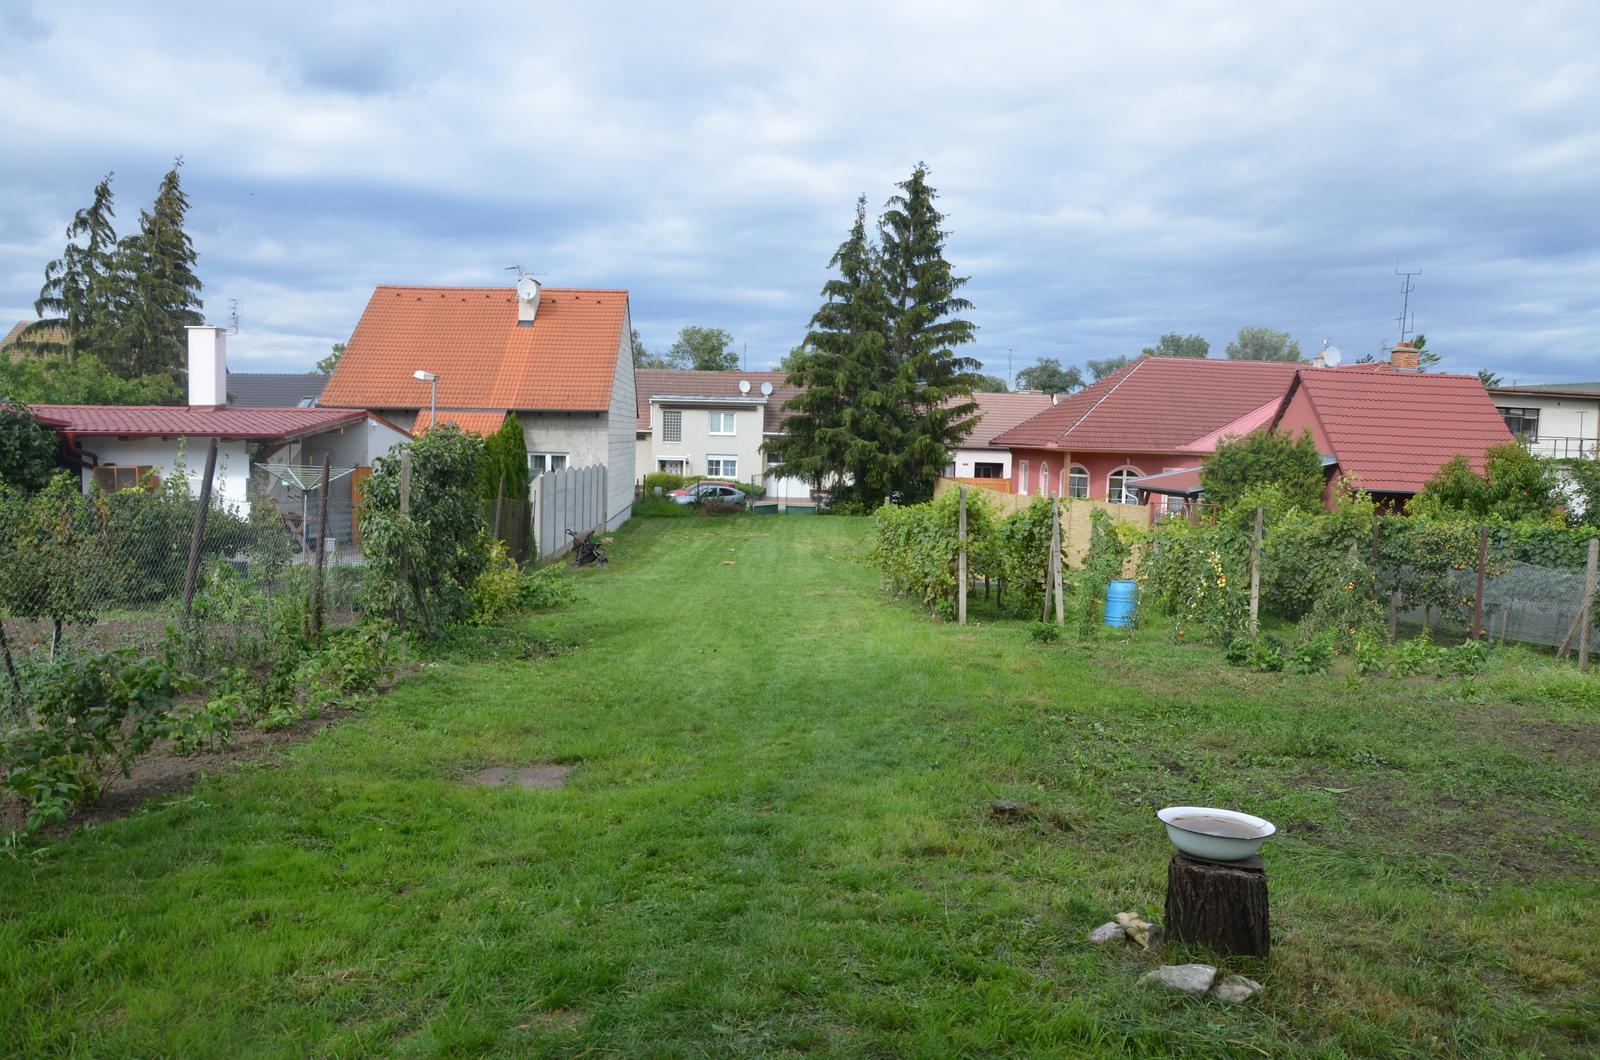 Vysněná zahrada... - Zahrada v září 2015, vratič a líčí je pryč, maliny nalevo povyrostly...